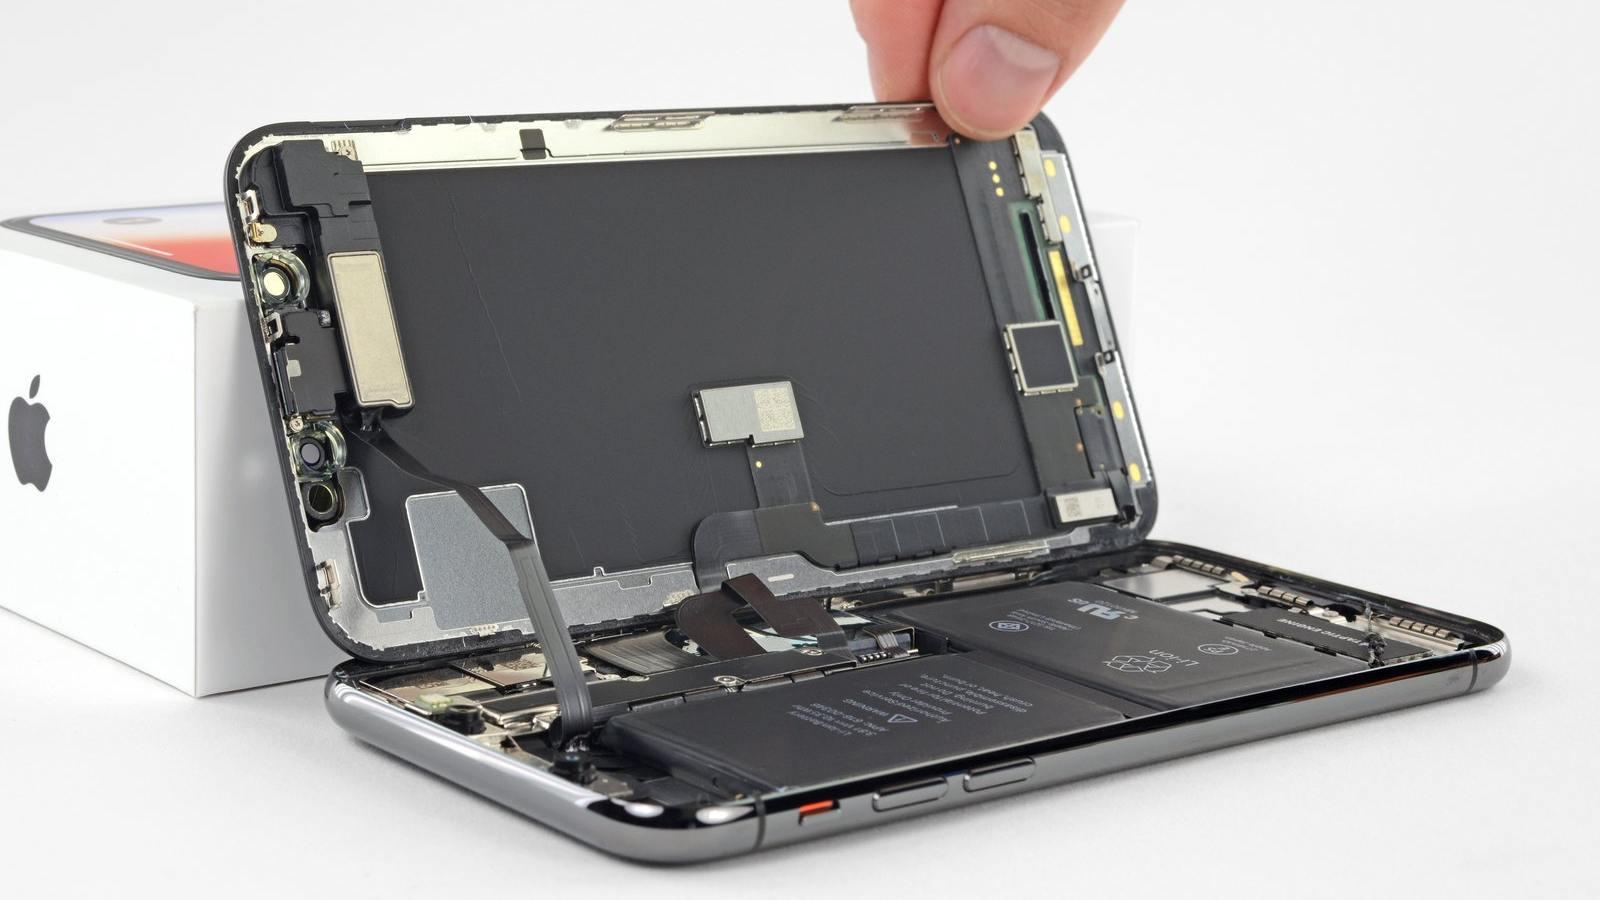 iPhone'y X i XS – tańsza wymiana ekranu? To możliwe, ale nie będzie to OLED 18